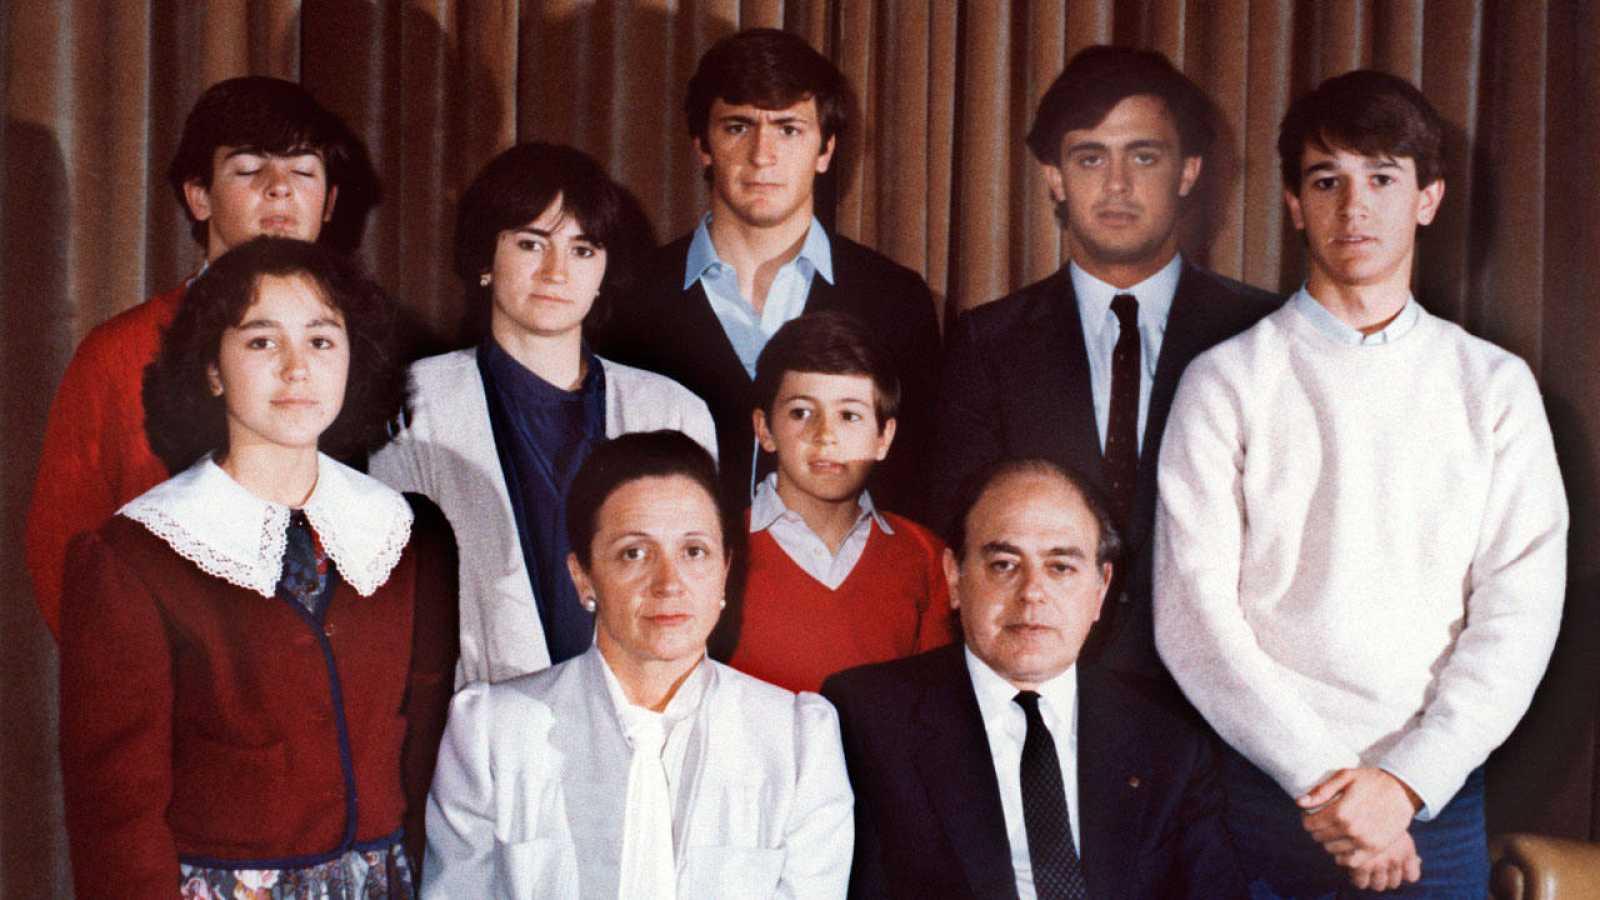 El matrimonio Pujol con Mireia, a la derecha de su madre; Oriol detrás, Marta; Josep, con camisa azul; Jordi, Pere y Oleguer.